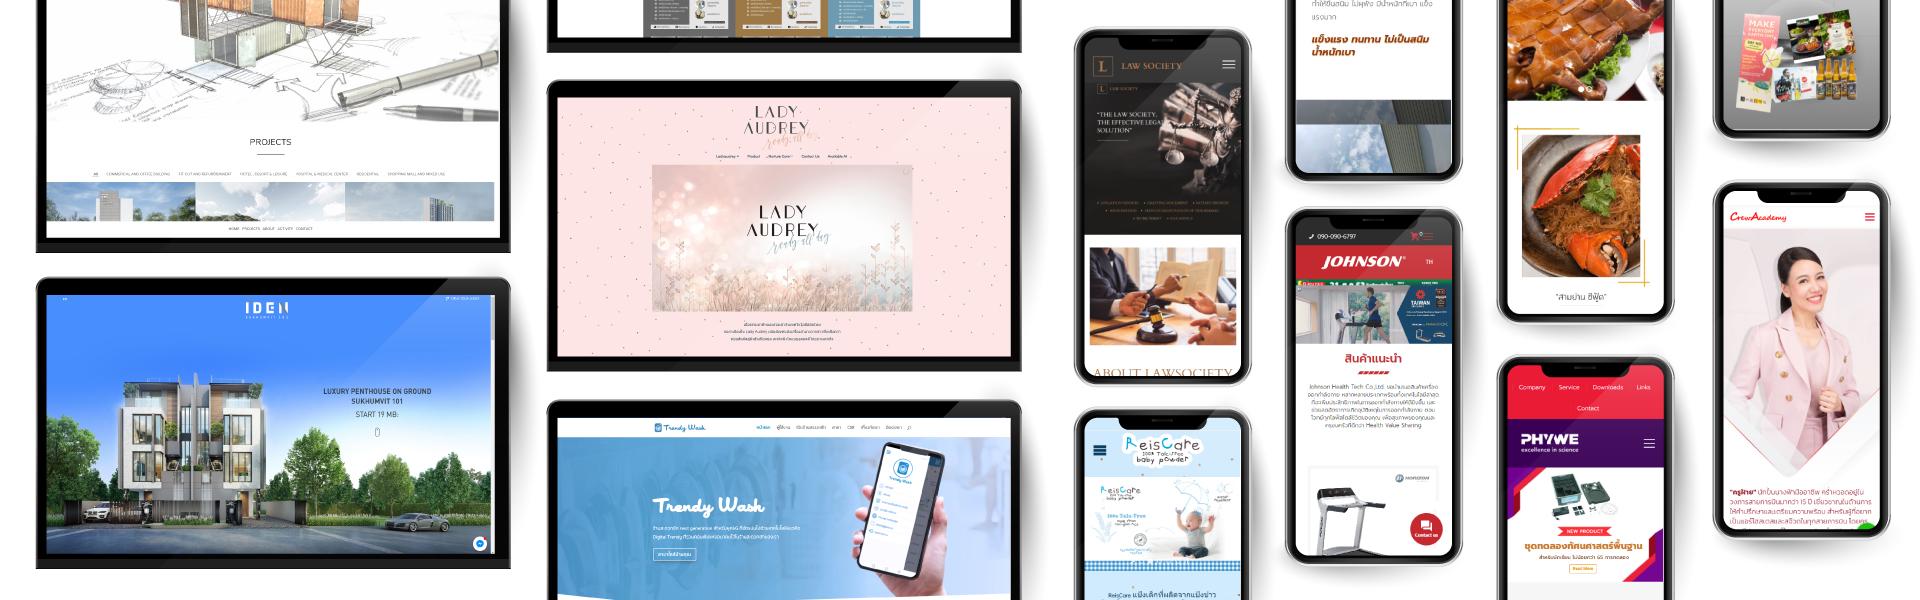 รีวิวการออกแบบเว็บไซต์ ออกแบบเว็บไซต์ สวยงาม เรียบหรู ตามสไตล์